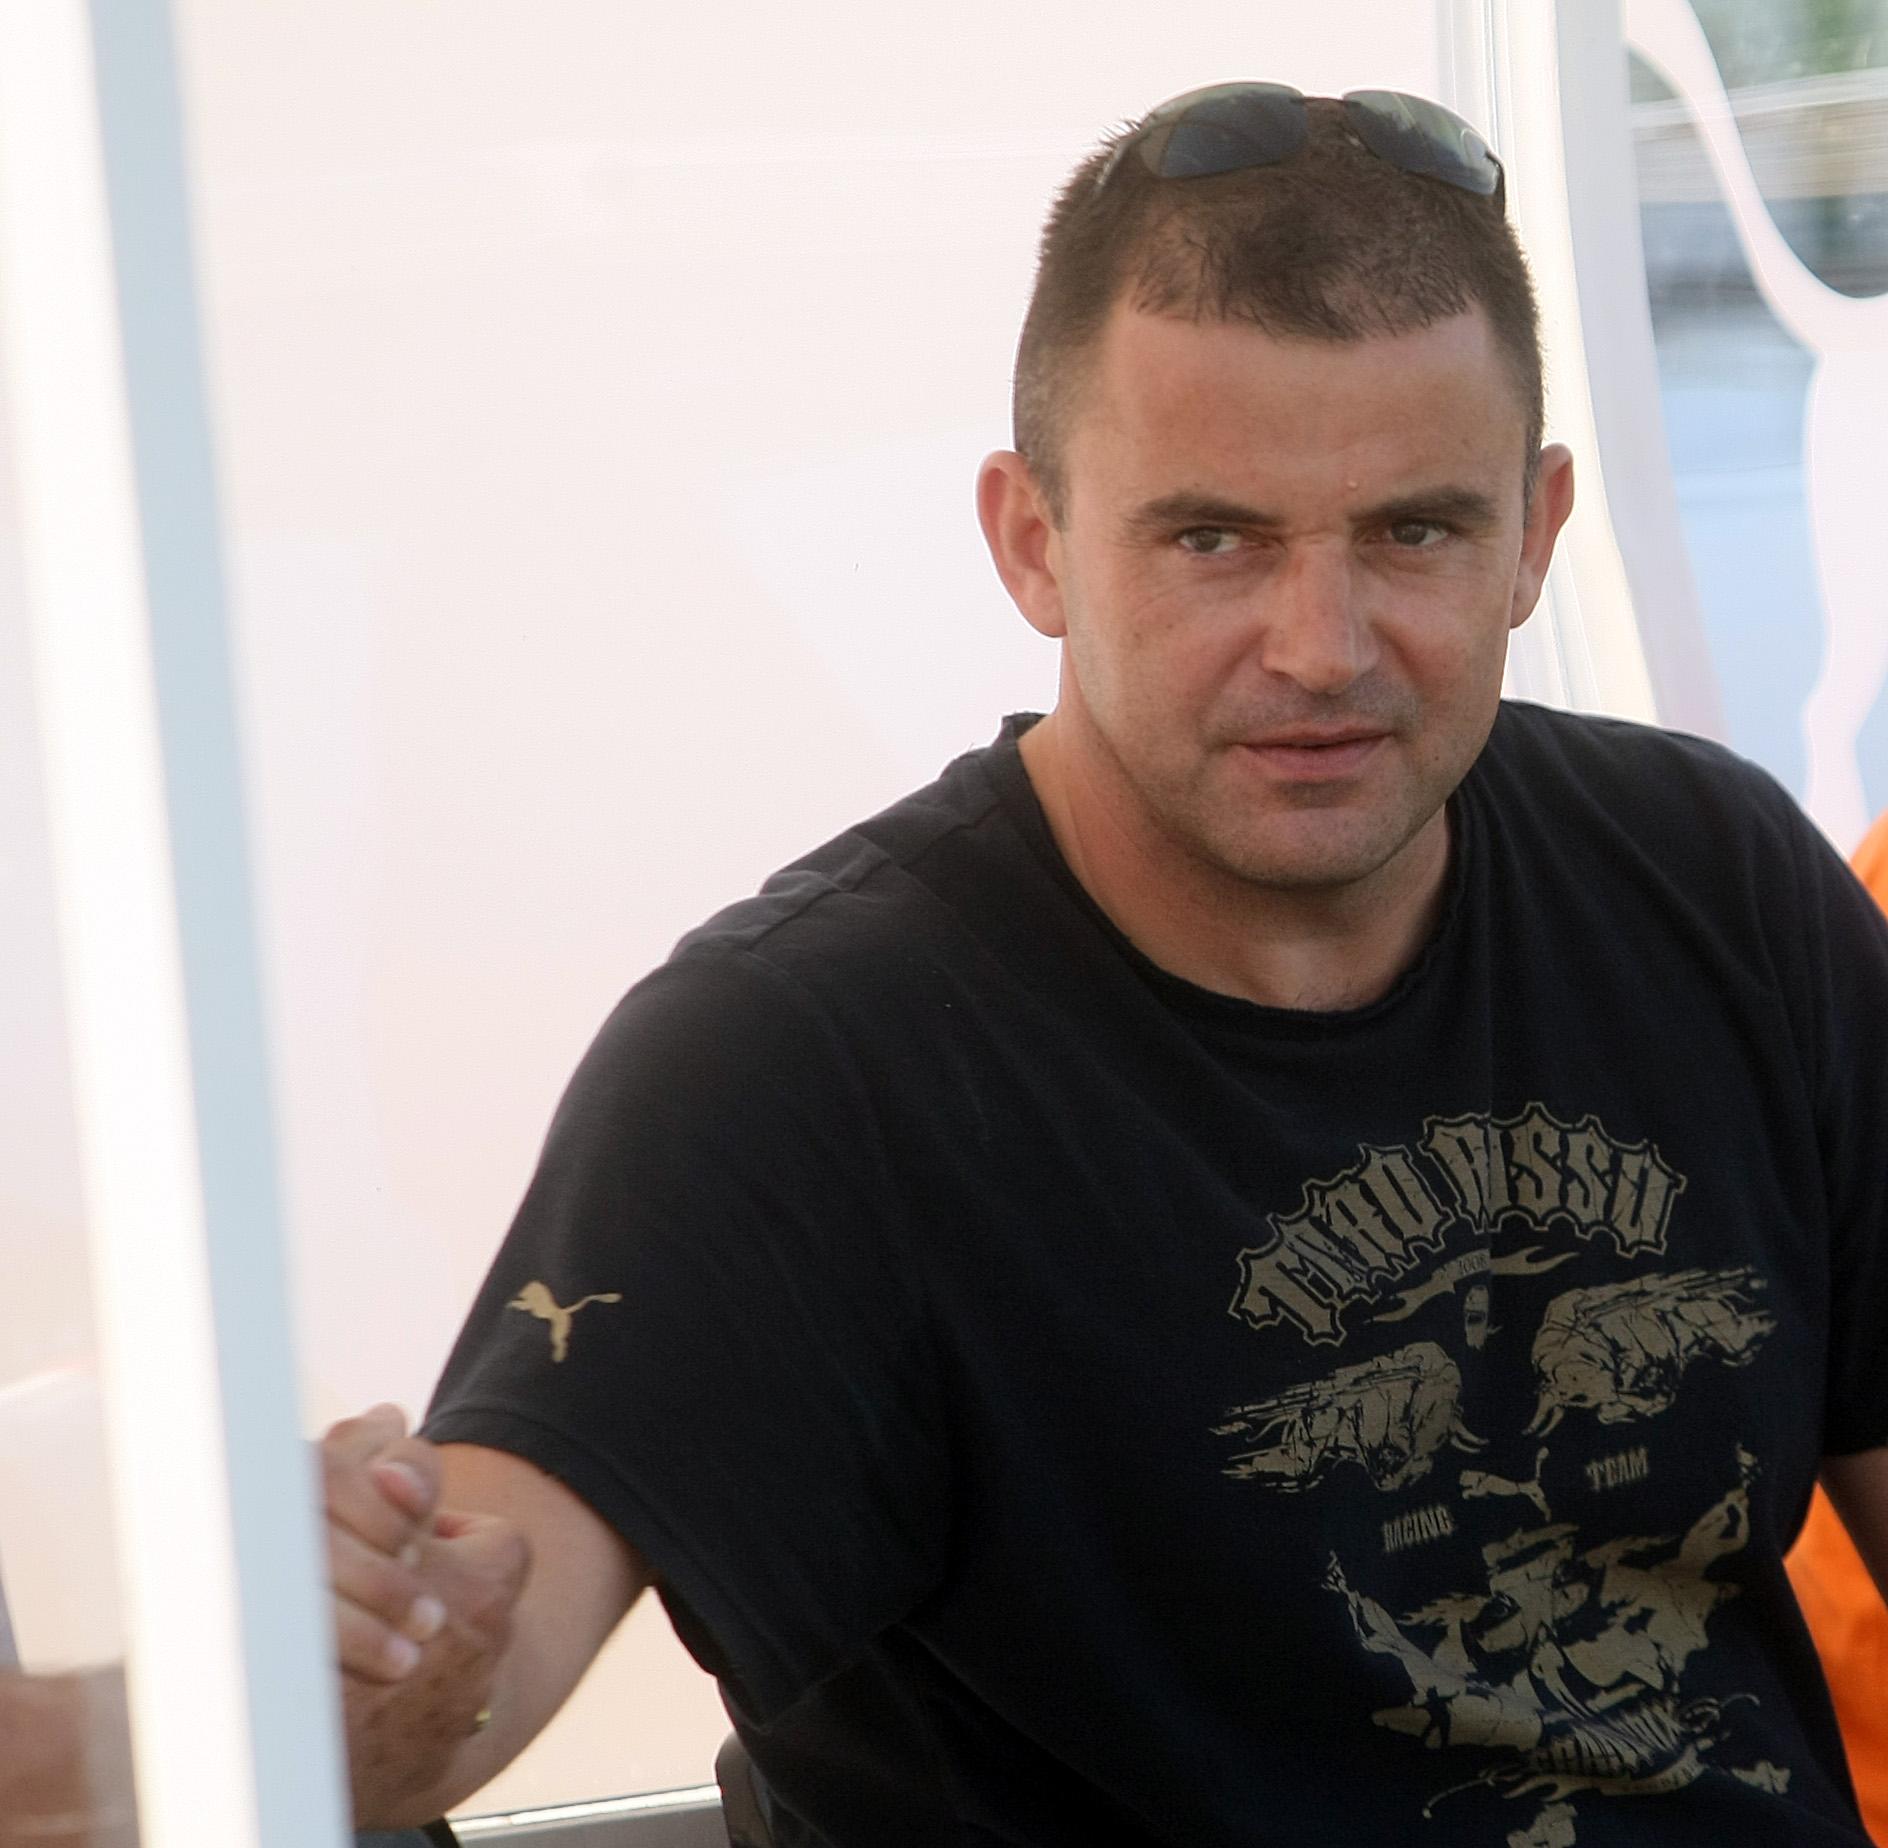 Бойкот срещу Симонович в ЦСКА